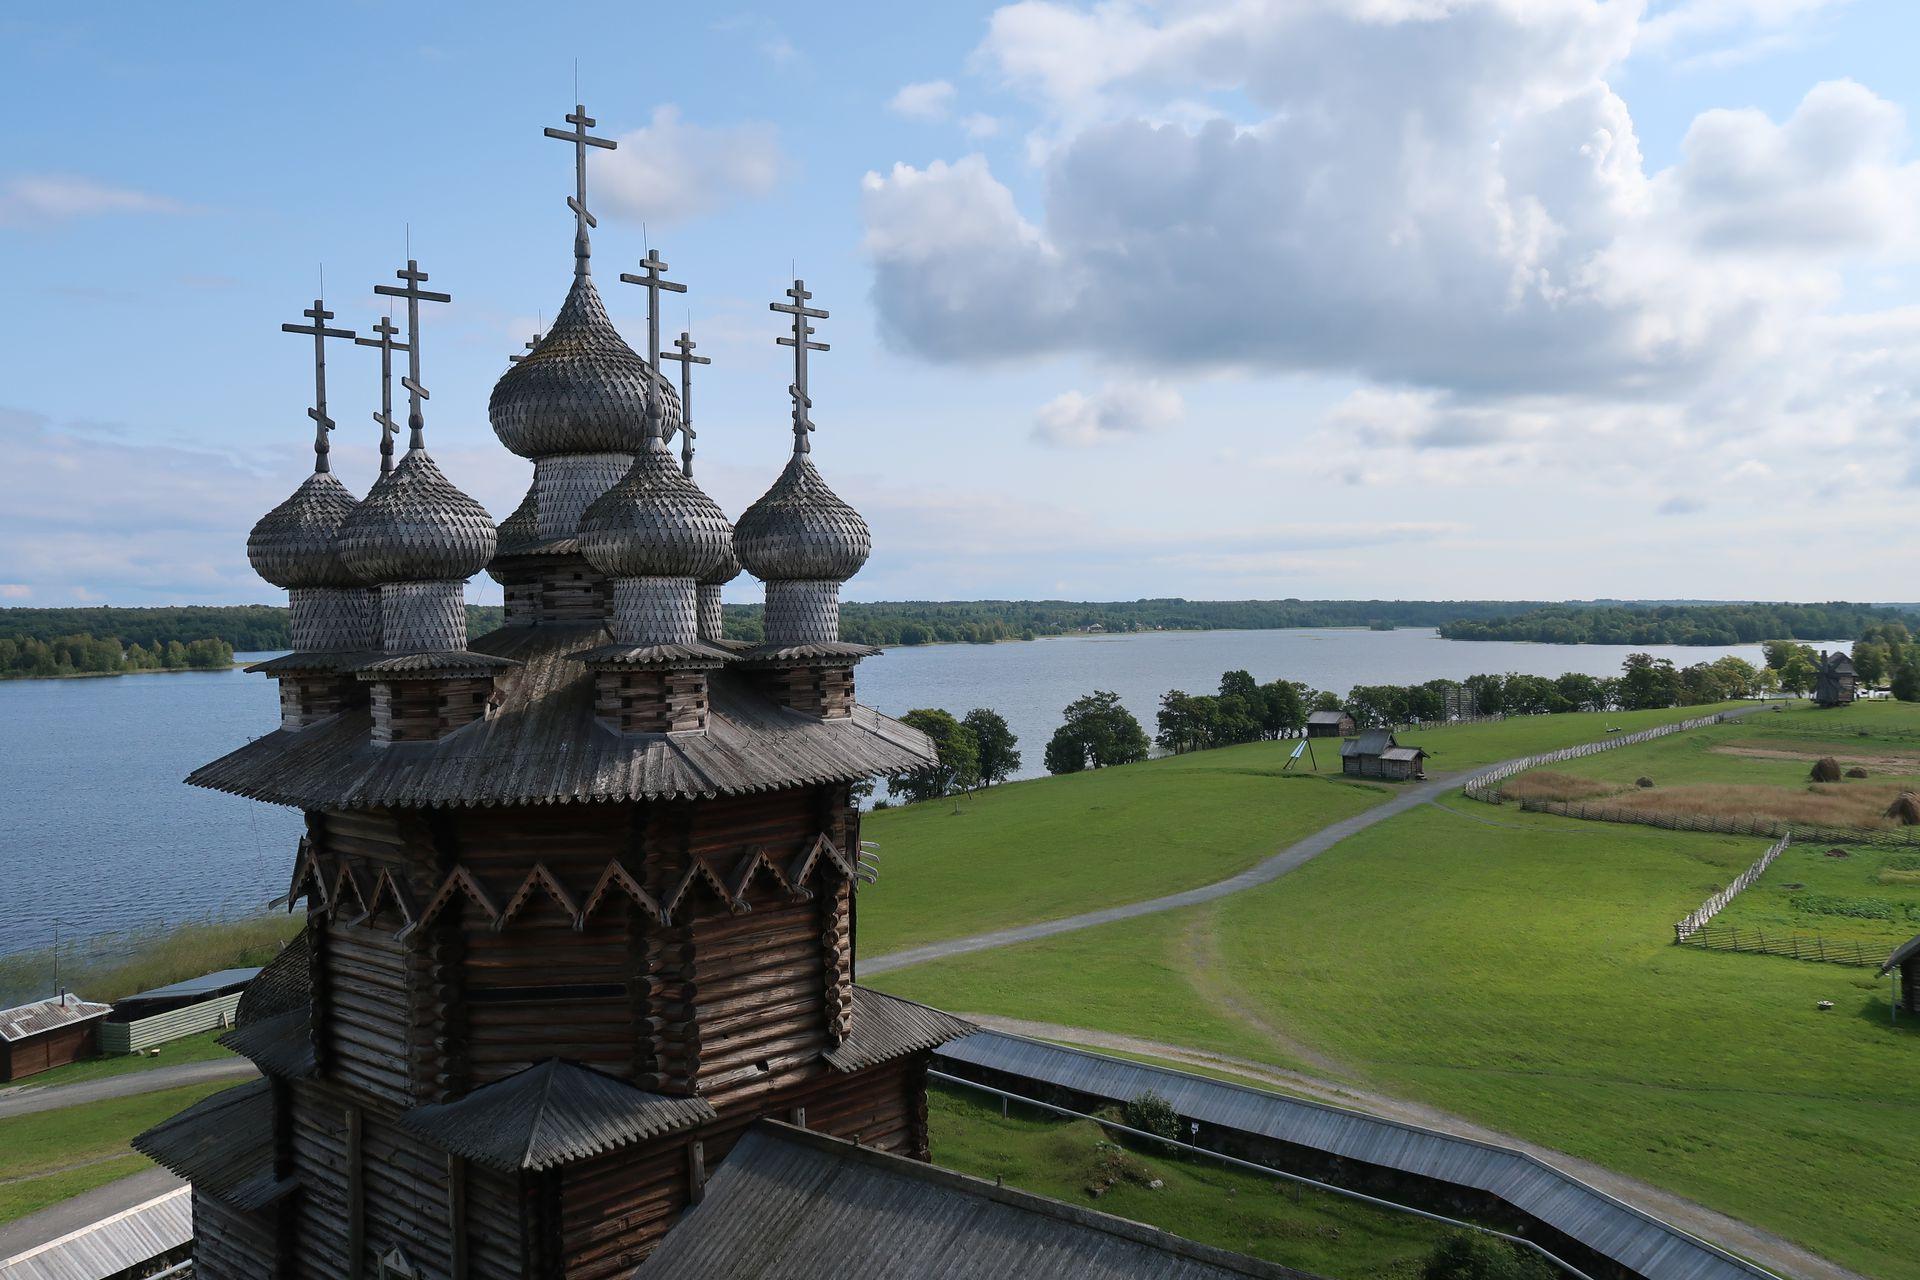 Iglesia de la Intercesión de la Virgen, una de las 80 estructuras históricas de madera que alberga la isla de Kizhi.